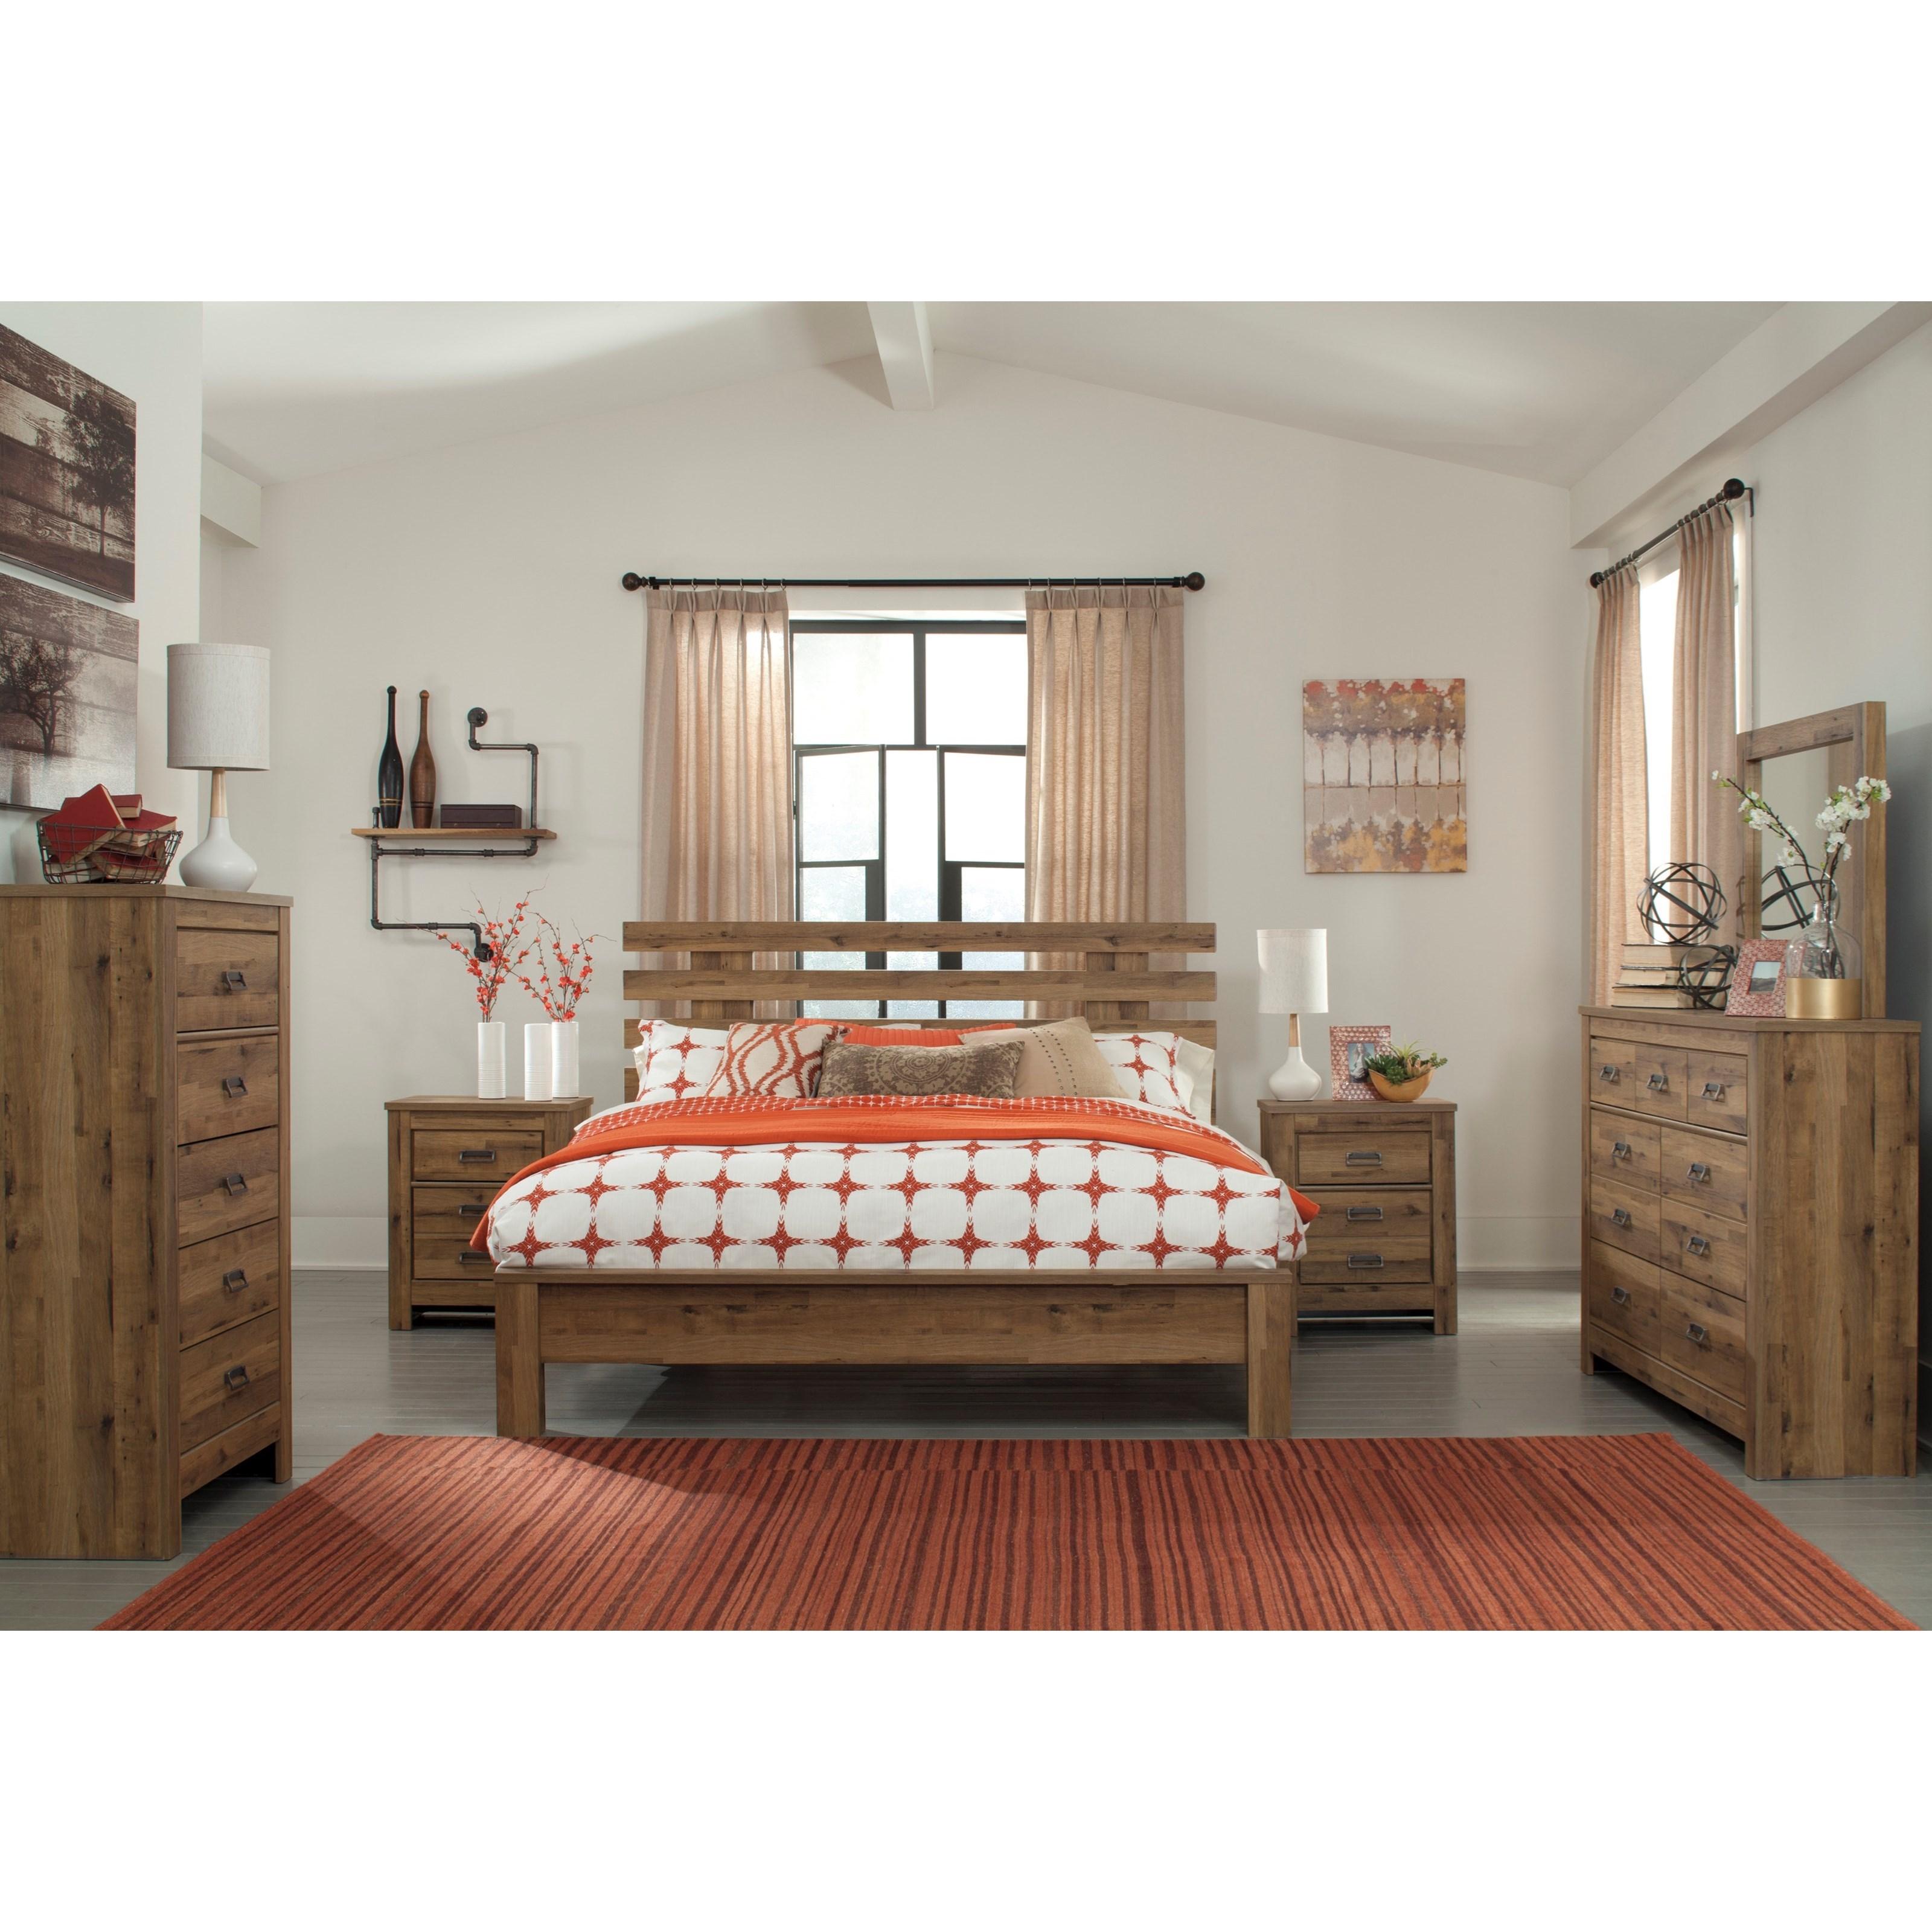 Signature Design by Ashley Cinrey King Bedroom Group - Item Number: B369 K Bedroom Group 2